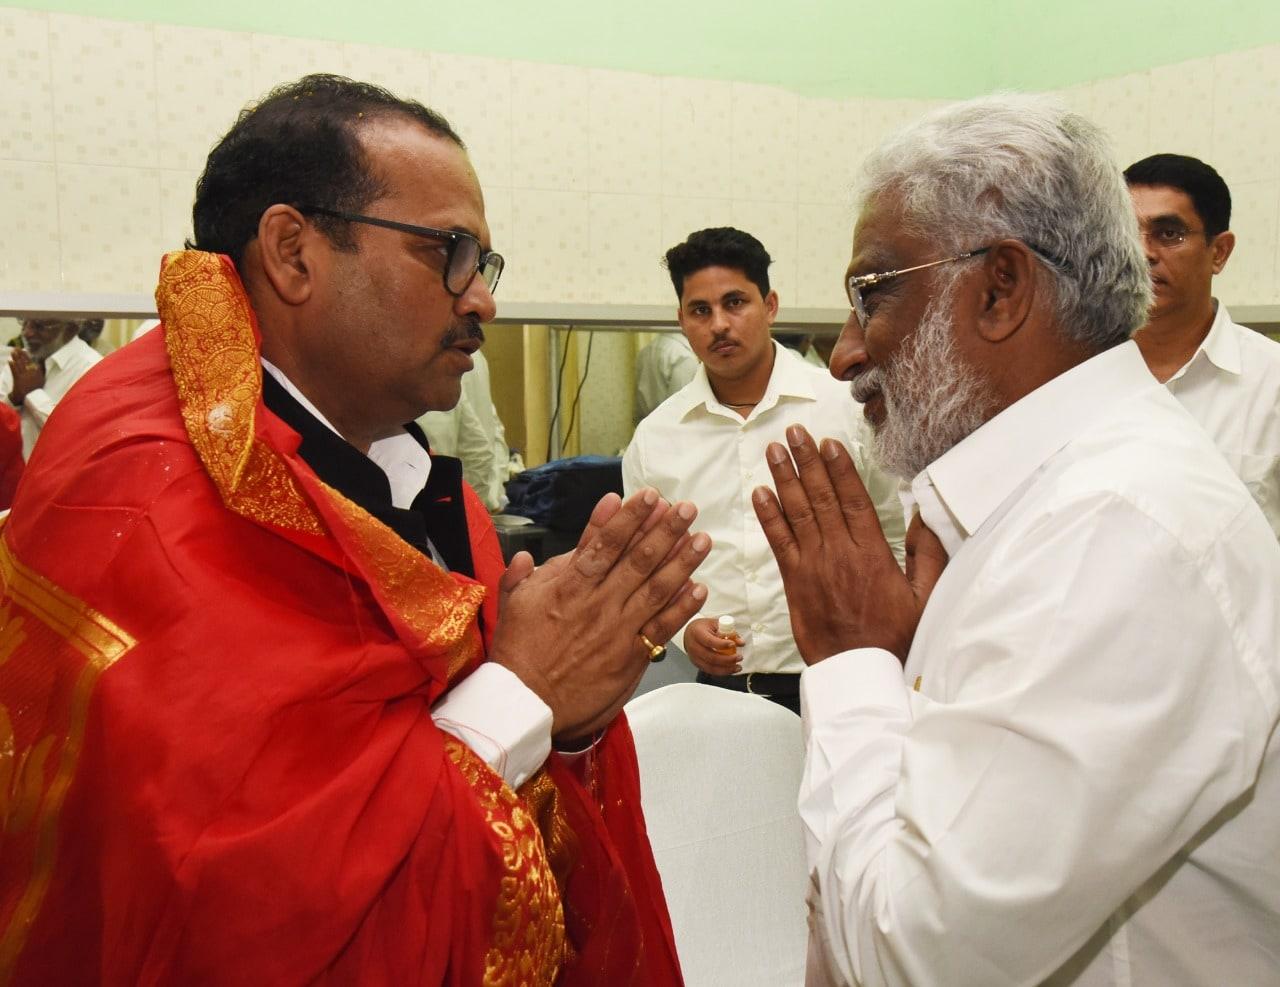 జస్టీస్ జితేంద్ర కుమార్ మహేశ్వరికి నమస్కారం చేస్తున్న టీటీడీ ఛైర్మన్ వైవీ సుబ్బారెడ్డి.